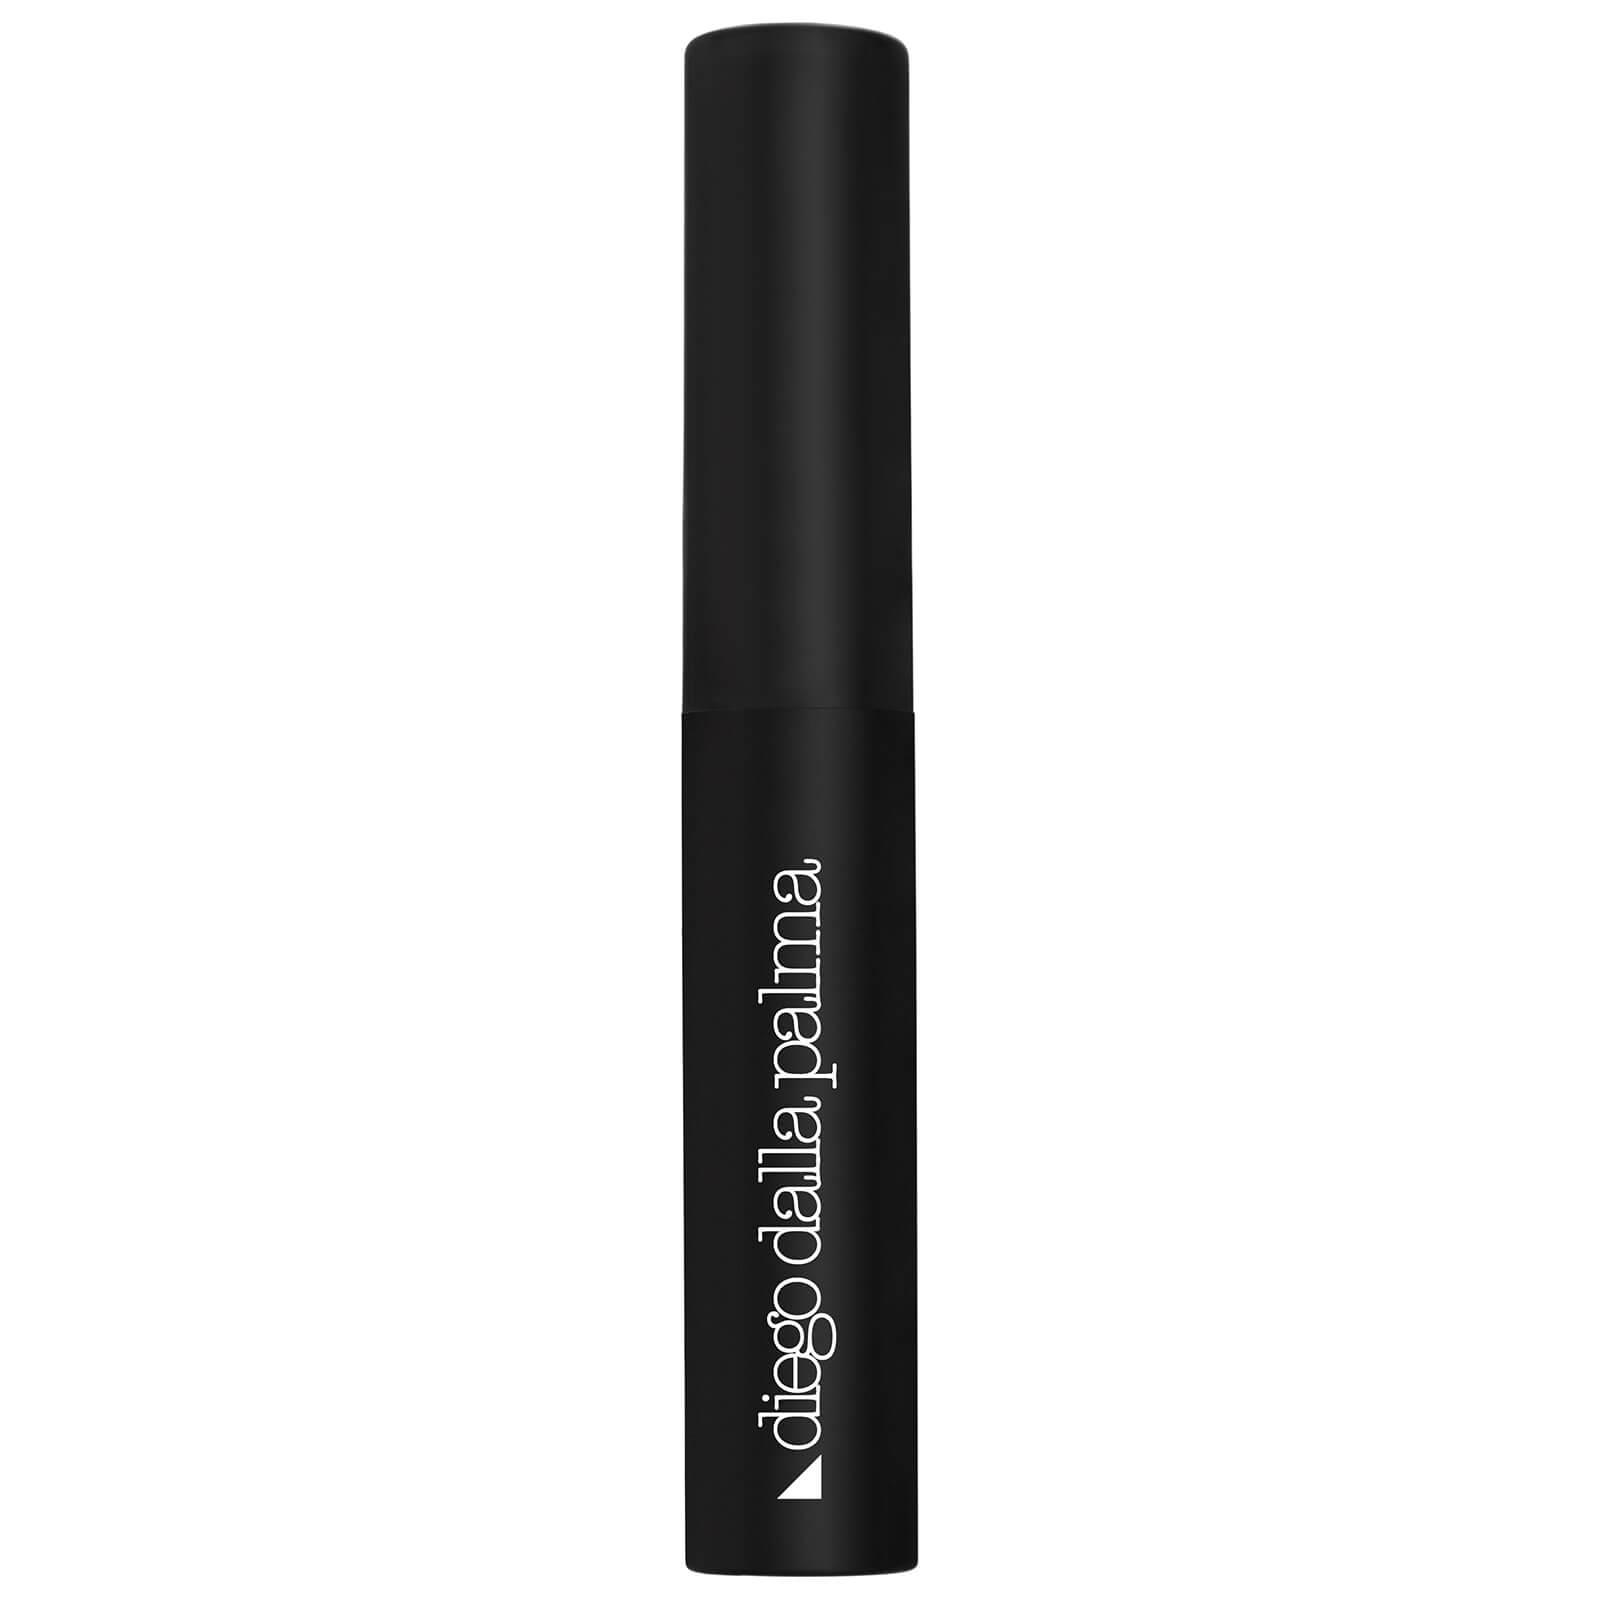 Купить Тушь для бровей diego dalla palma Volumizing Coloured Eyebrow Fixer with Fibres 4 мл (различные оттенки) - Transparent